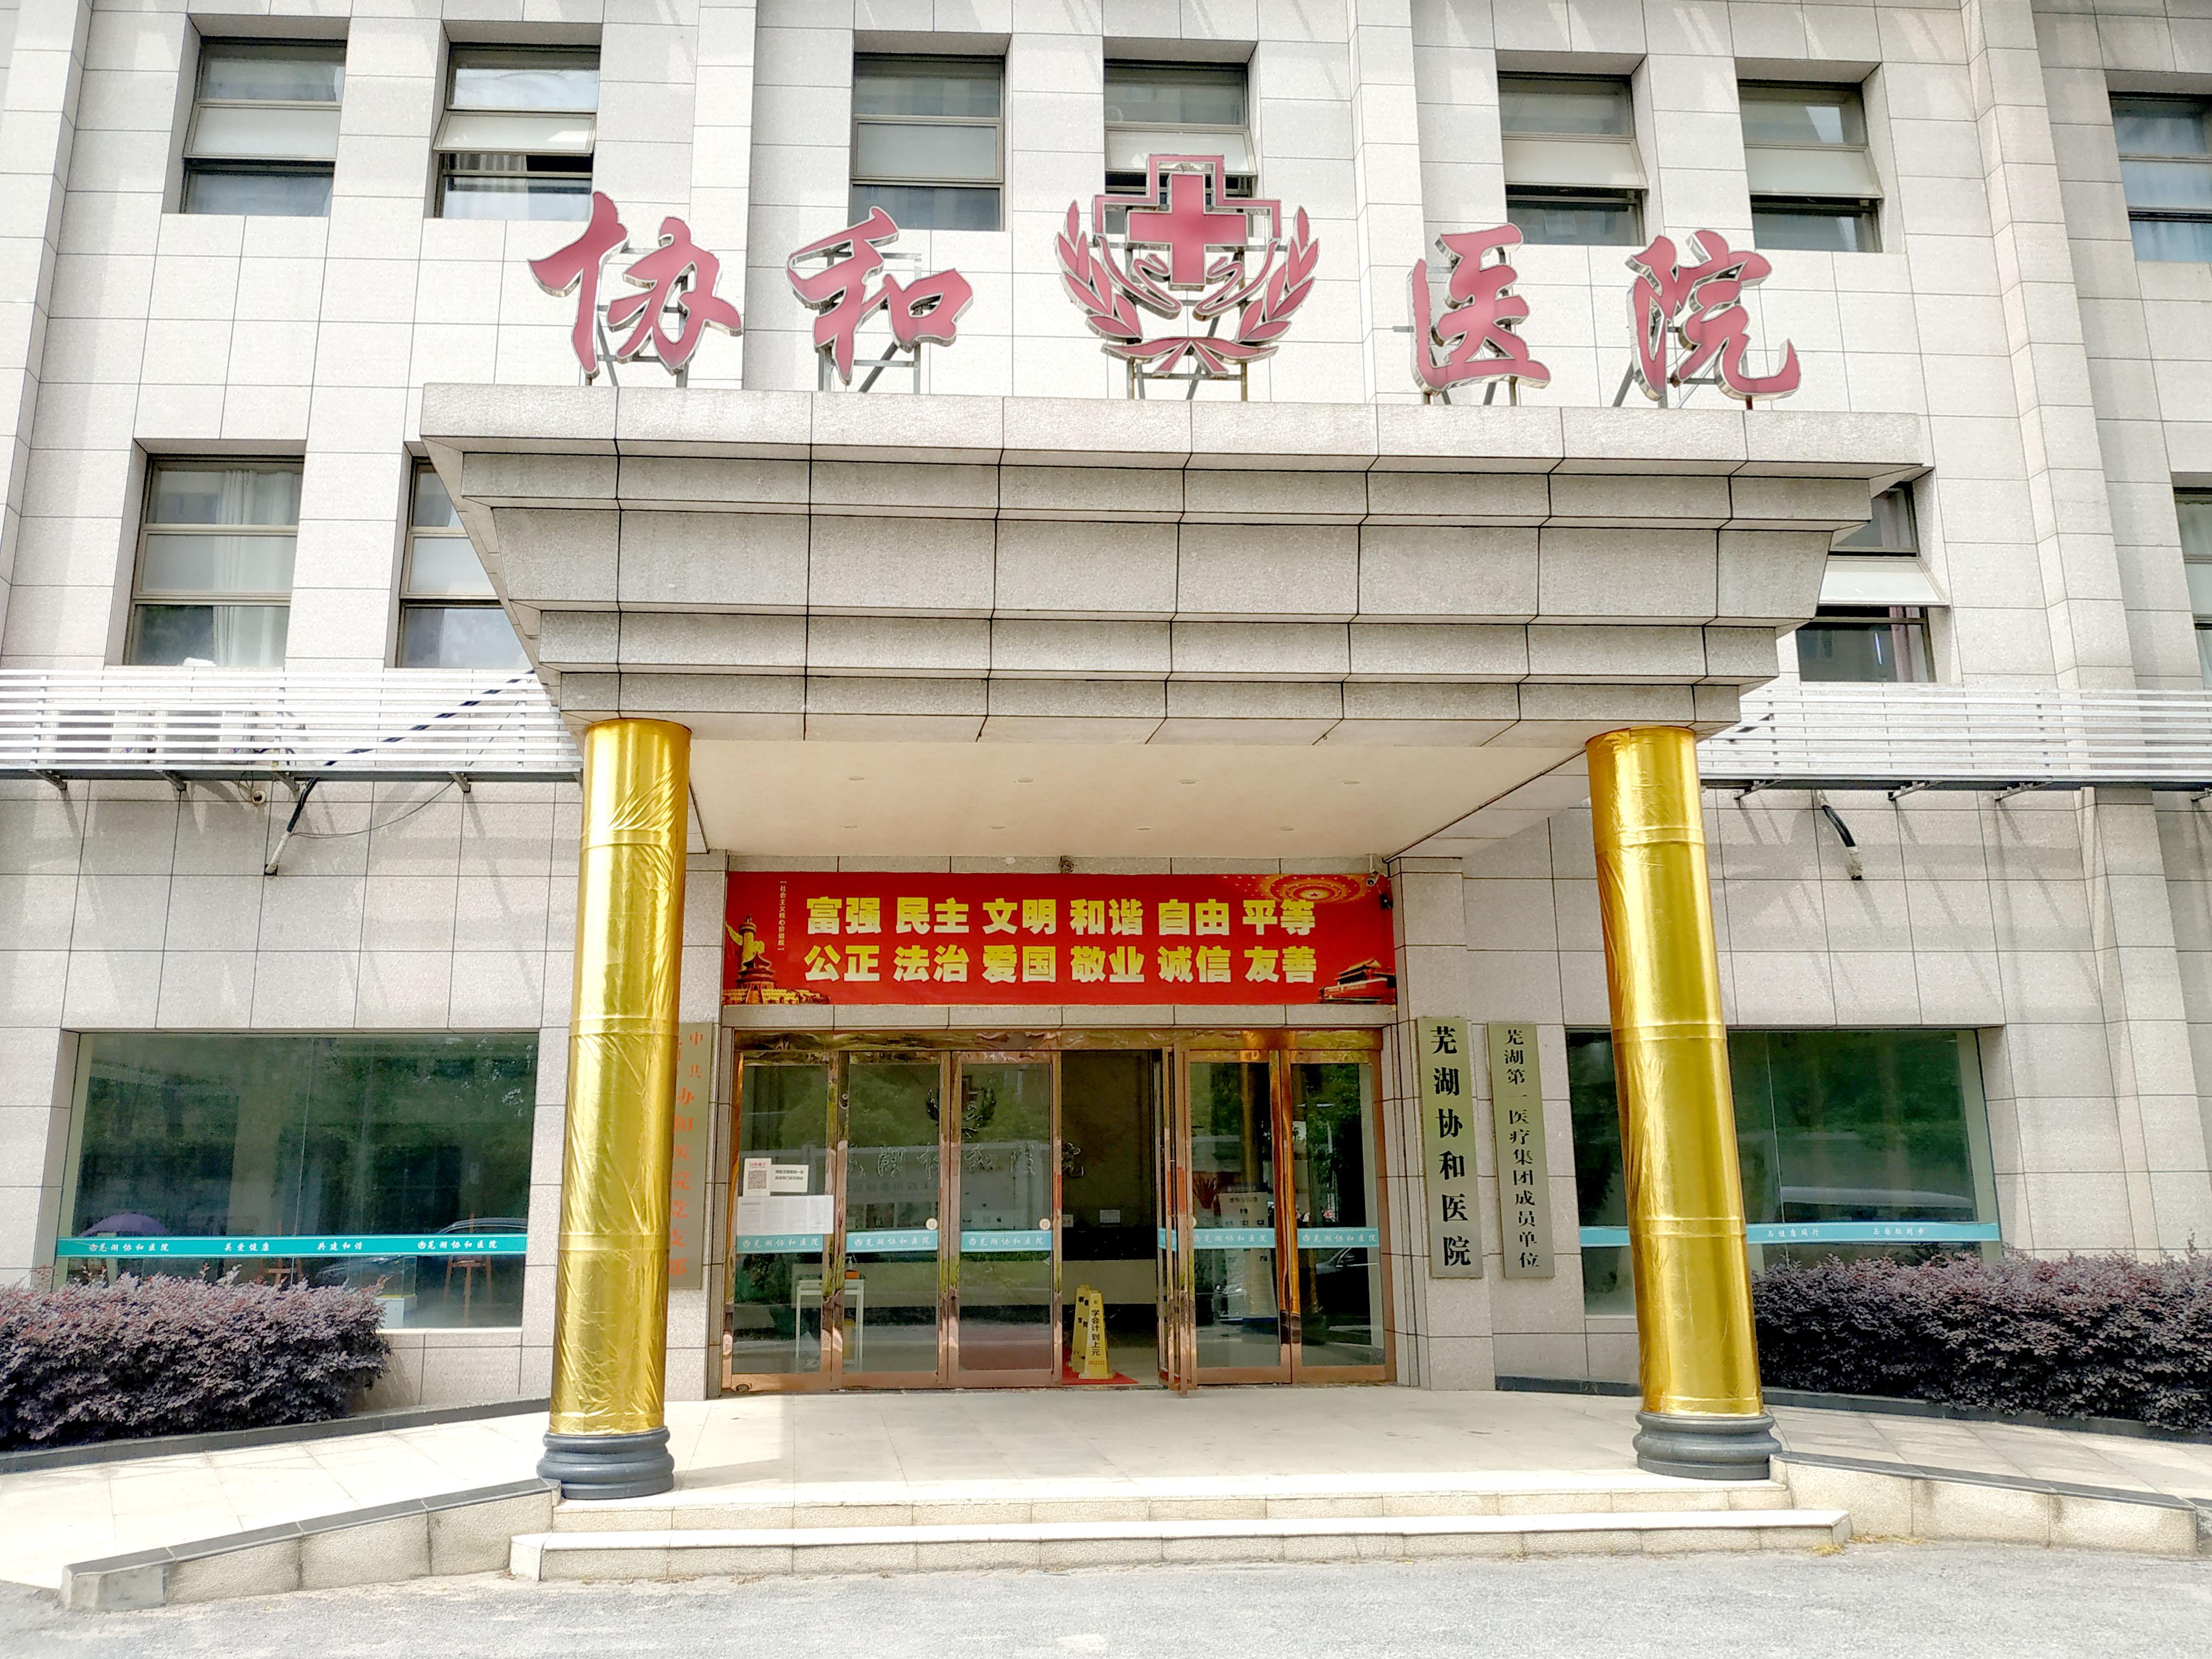 芜湖协和医院收费高吗 透明消费 高品质医疗消费体验